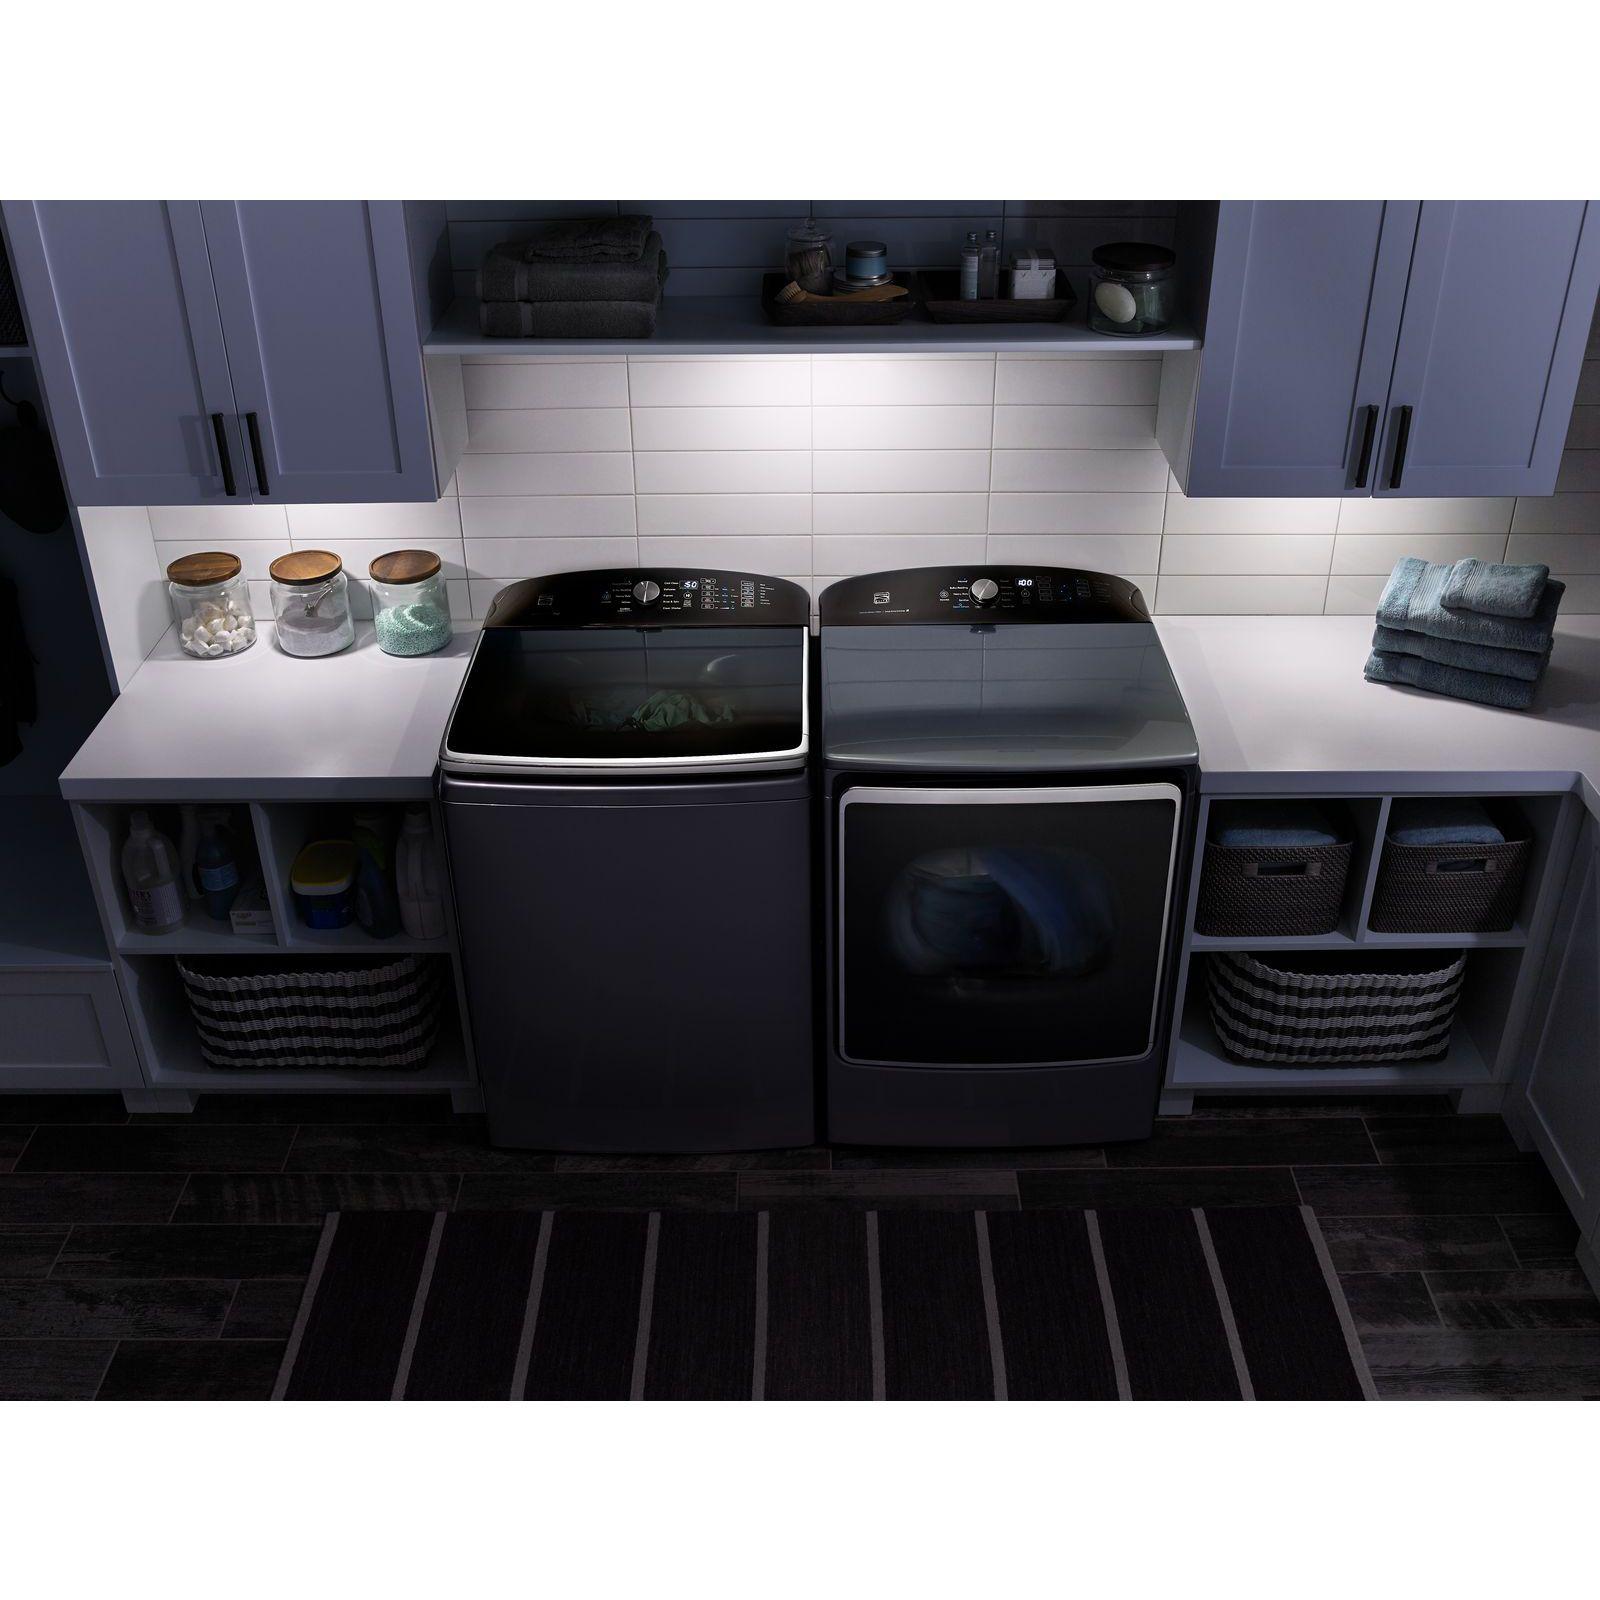 Kenmore Elite 71633 9.2 cu. ft. Gas Dryer w/ SmartDry Ultra Technology – Metallic